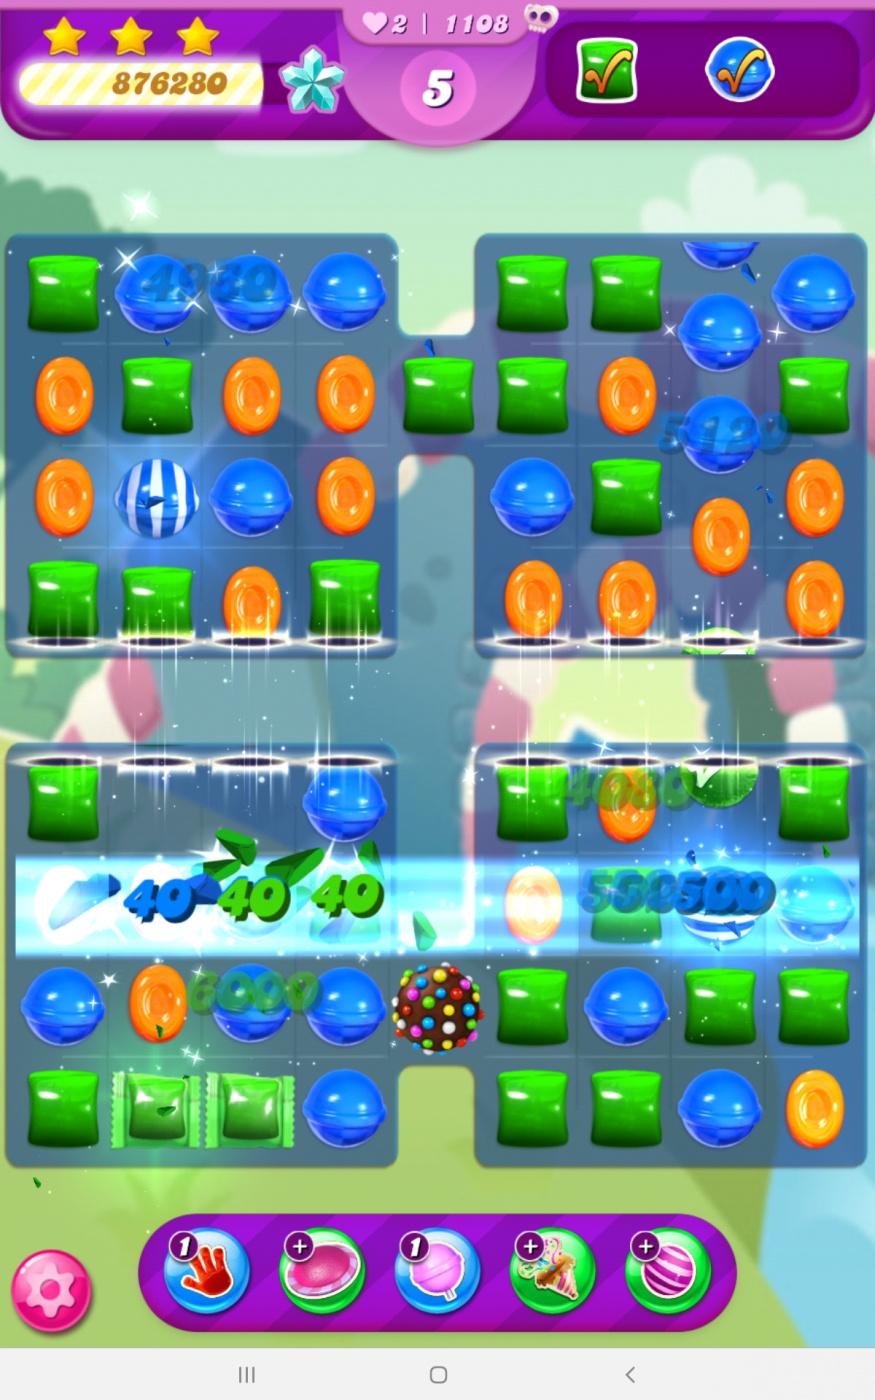 Screenshot_20210215-074749_Candy Crush Saga.jpg